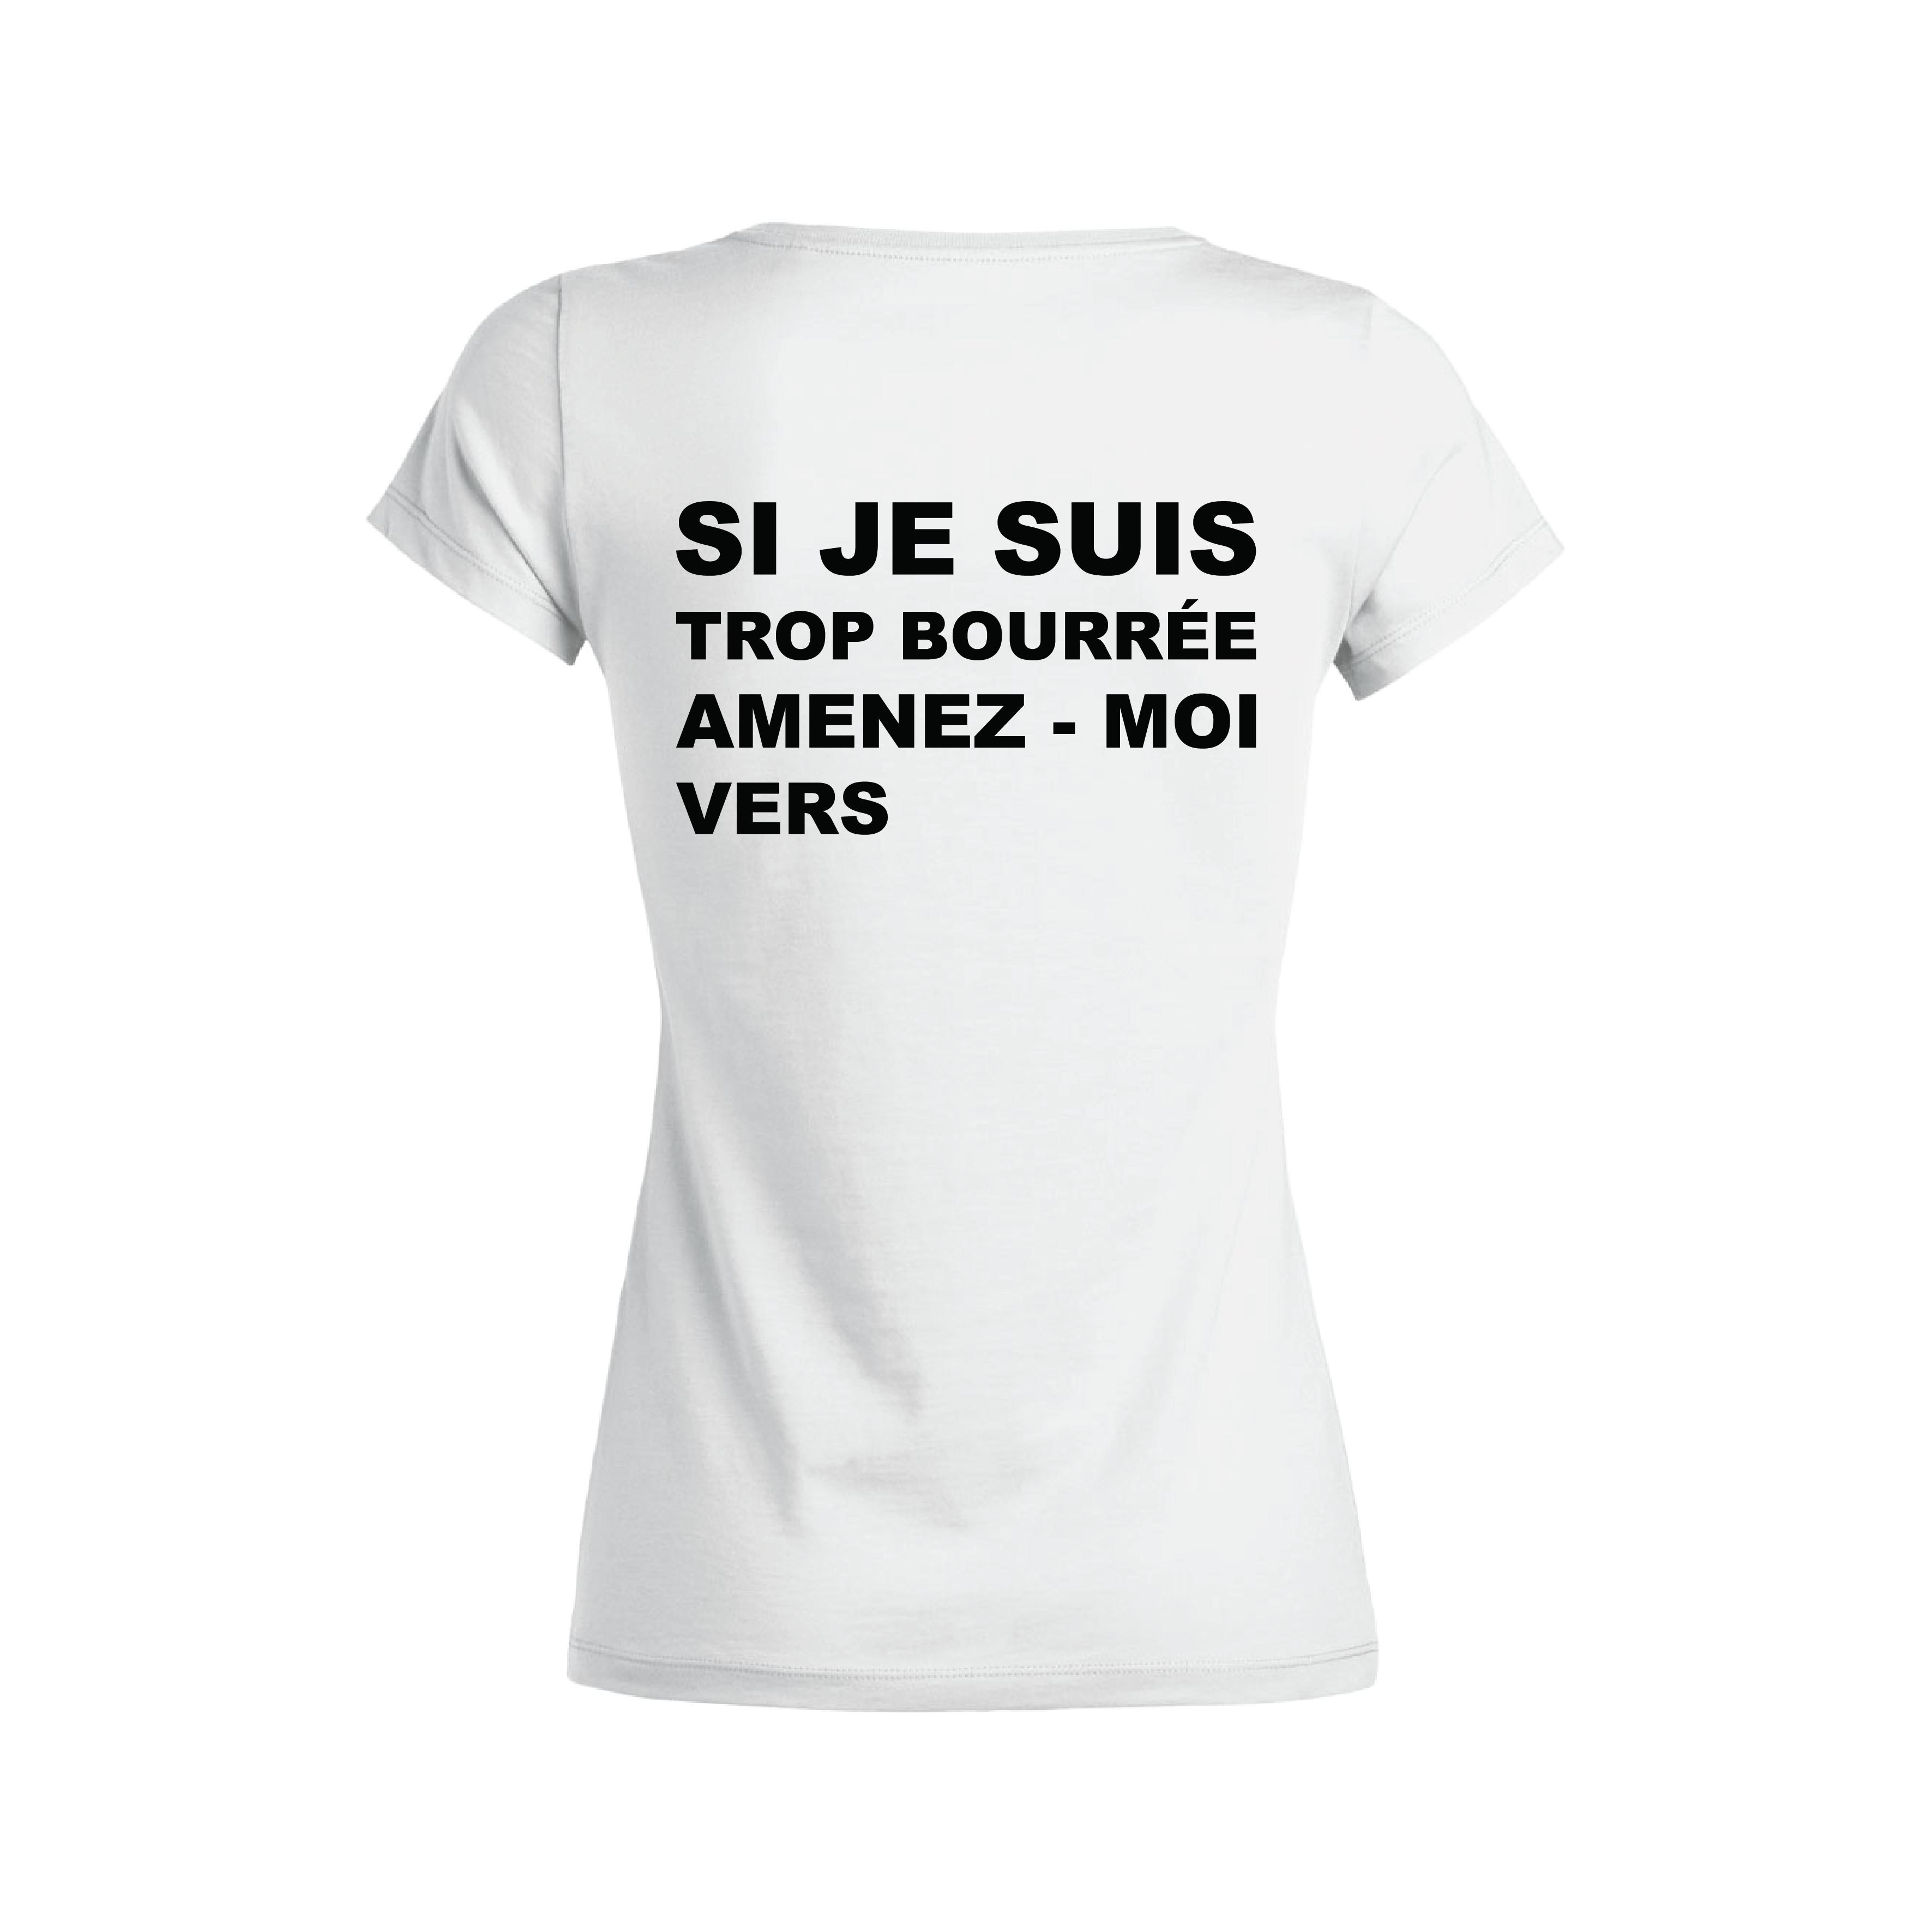 Tshirt Femme - Si Je Suis Trop Bourrée Amenez-Moi Vers - Dos - Blanc